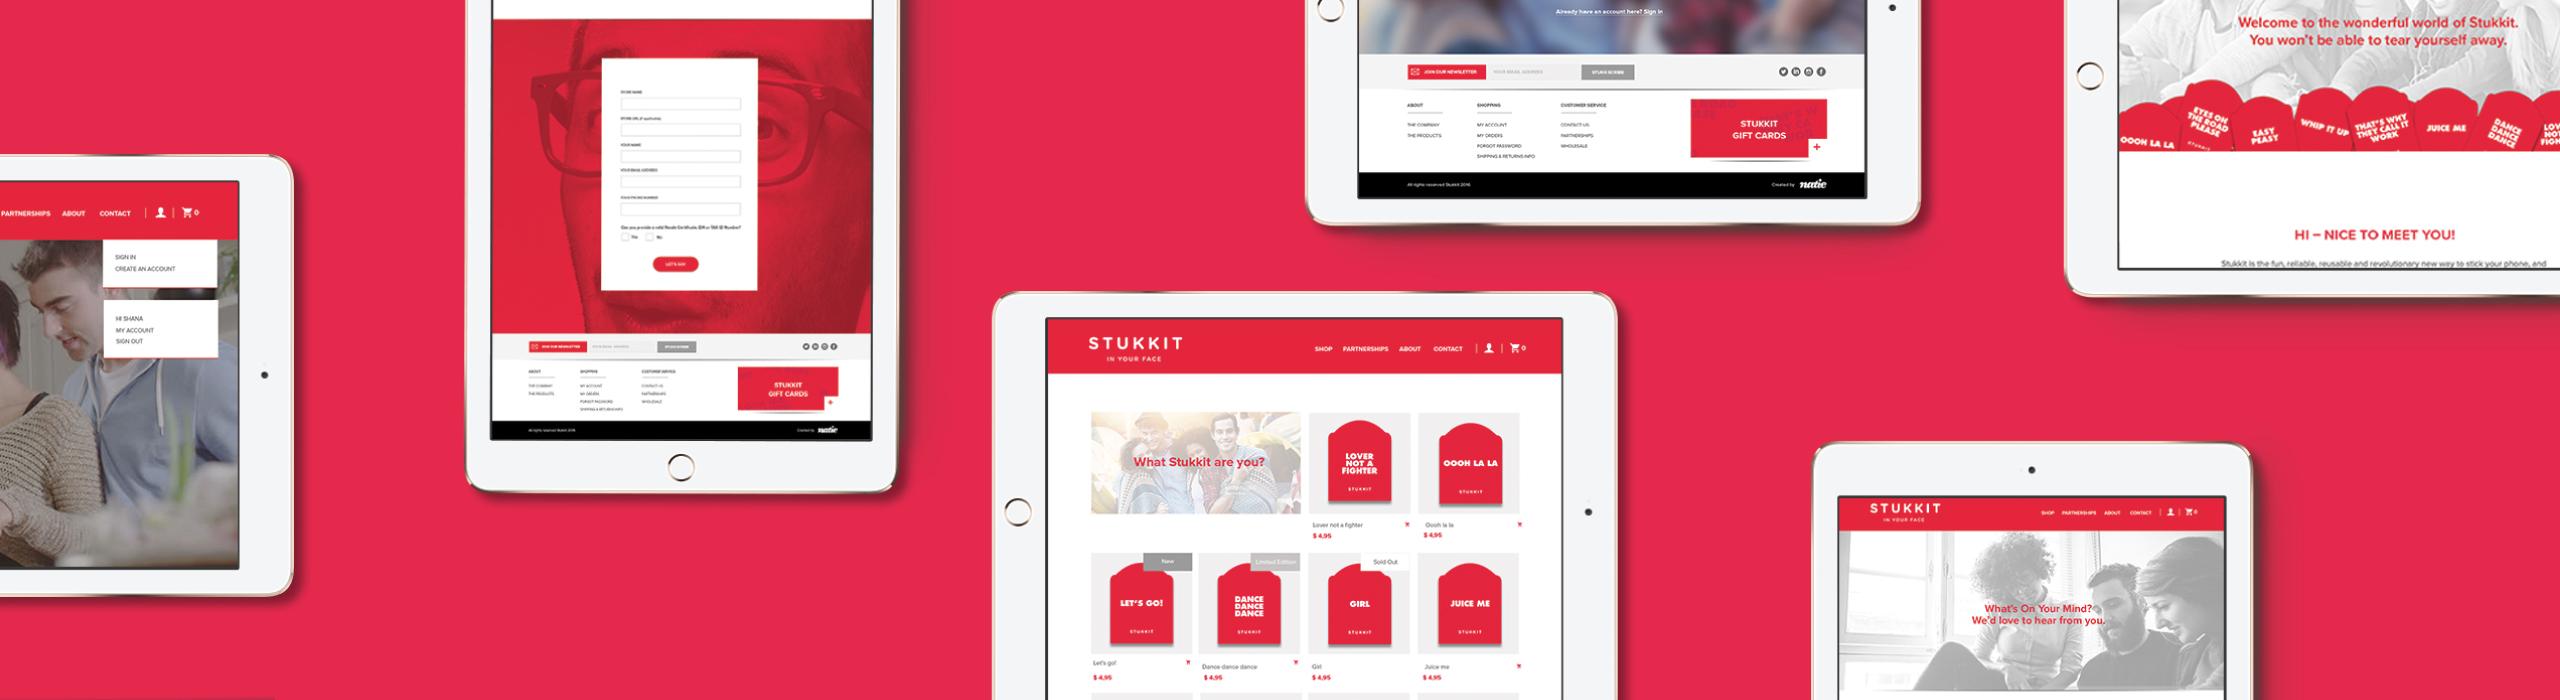 Stukkit - natie-stukkit-website-ipad - Natie Branding Agency